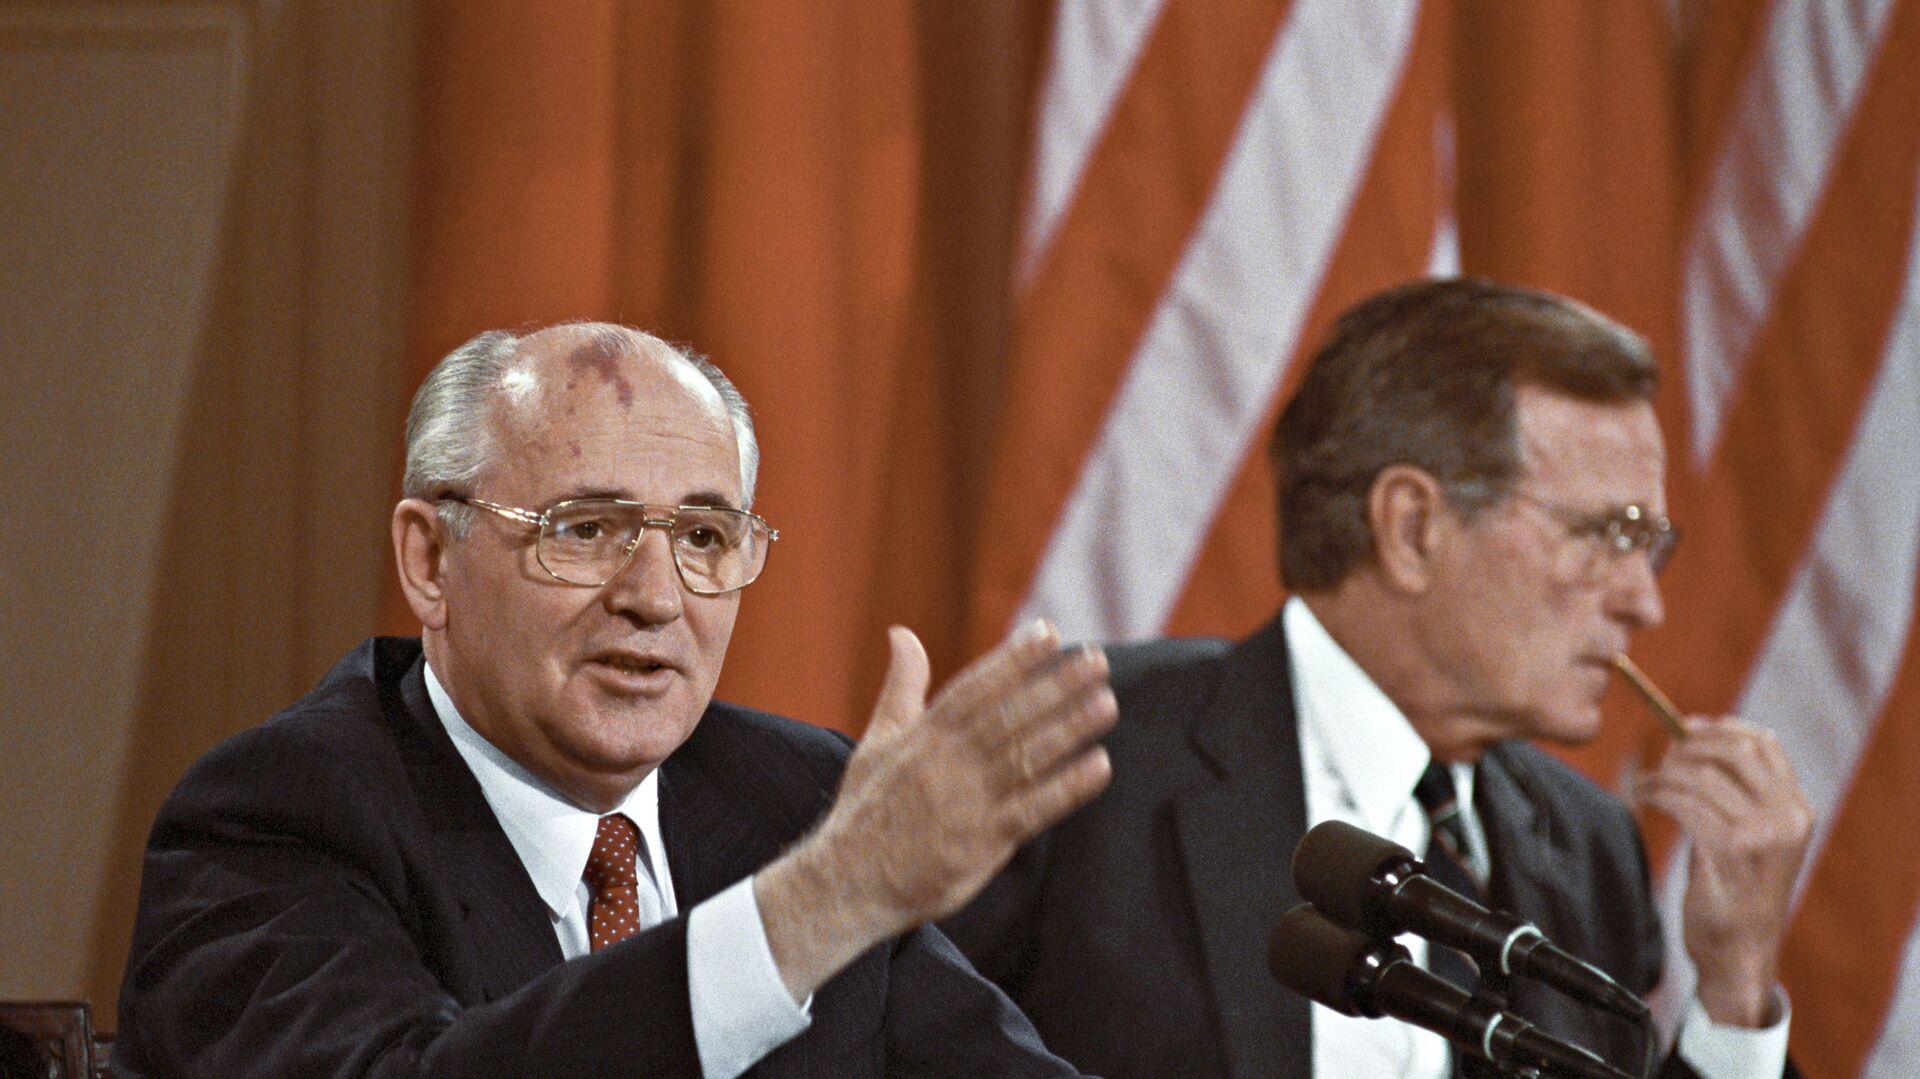 Ο Μιχαήλ Γκορμπατσόφ με τον Τζορτζ Μπους κατά τη συνάντησή τους στις ΗΠΑ το 1990 - Sputnik Ελλάδα, 1920, 31.07.2021